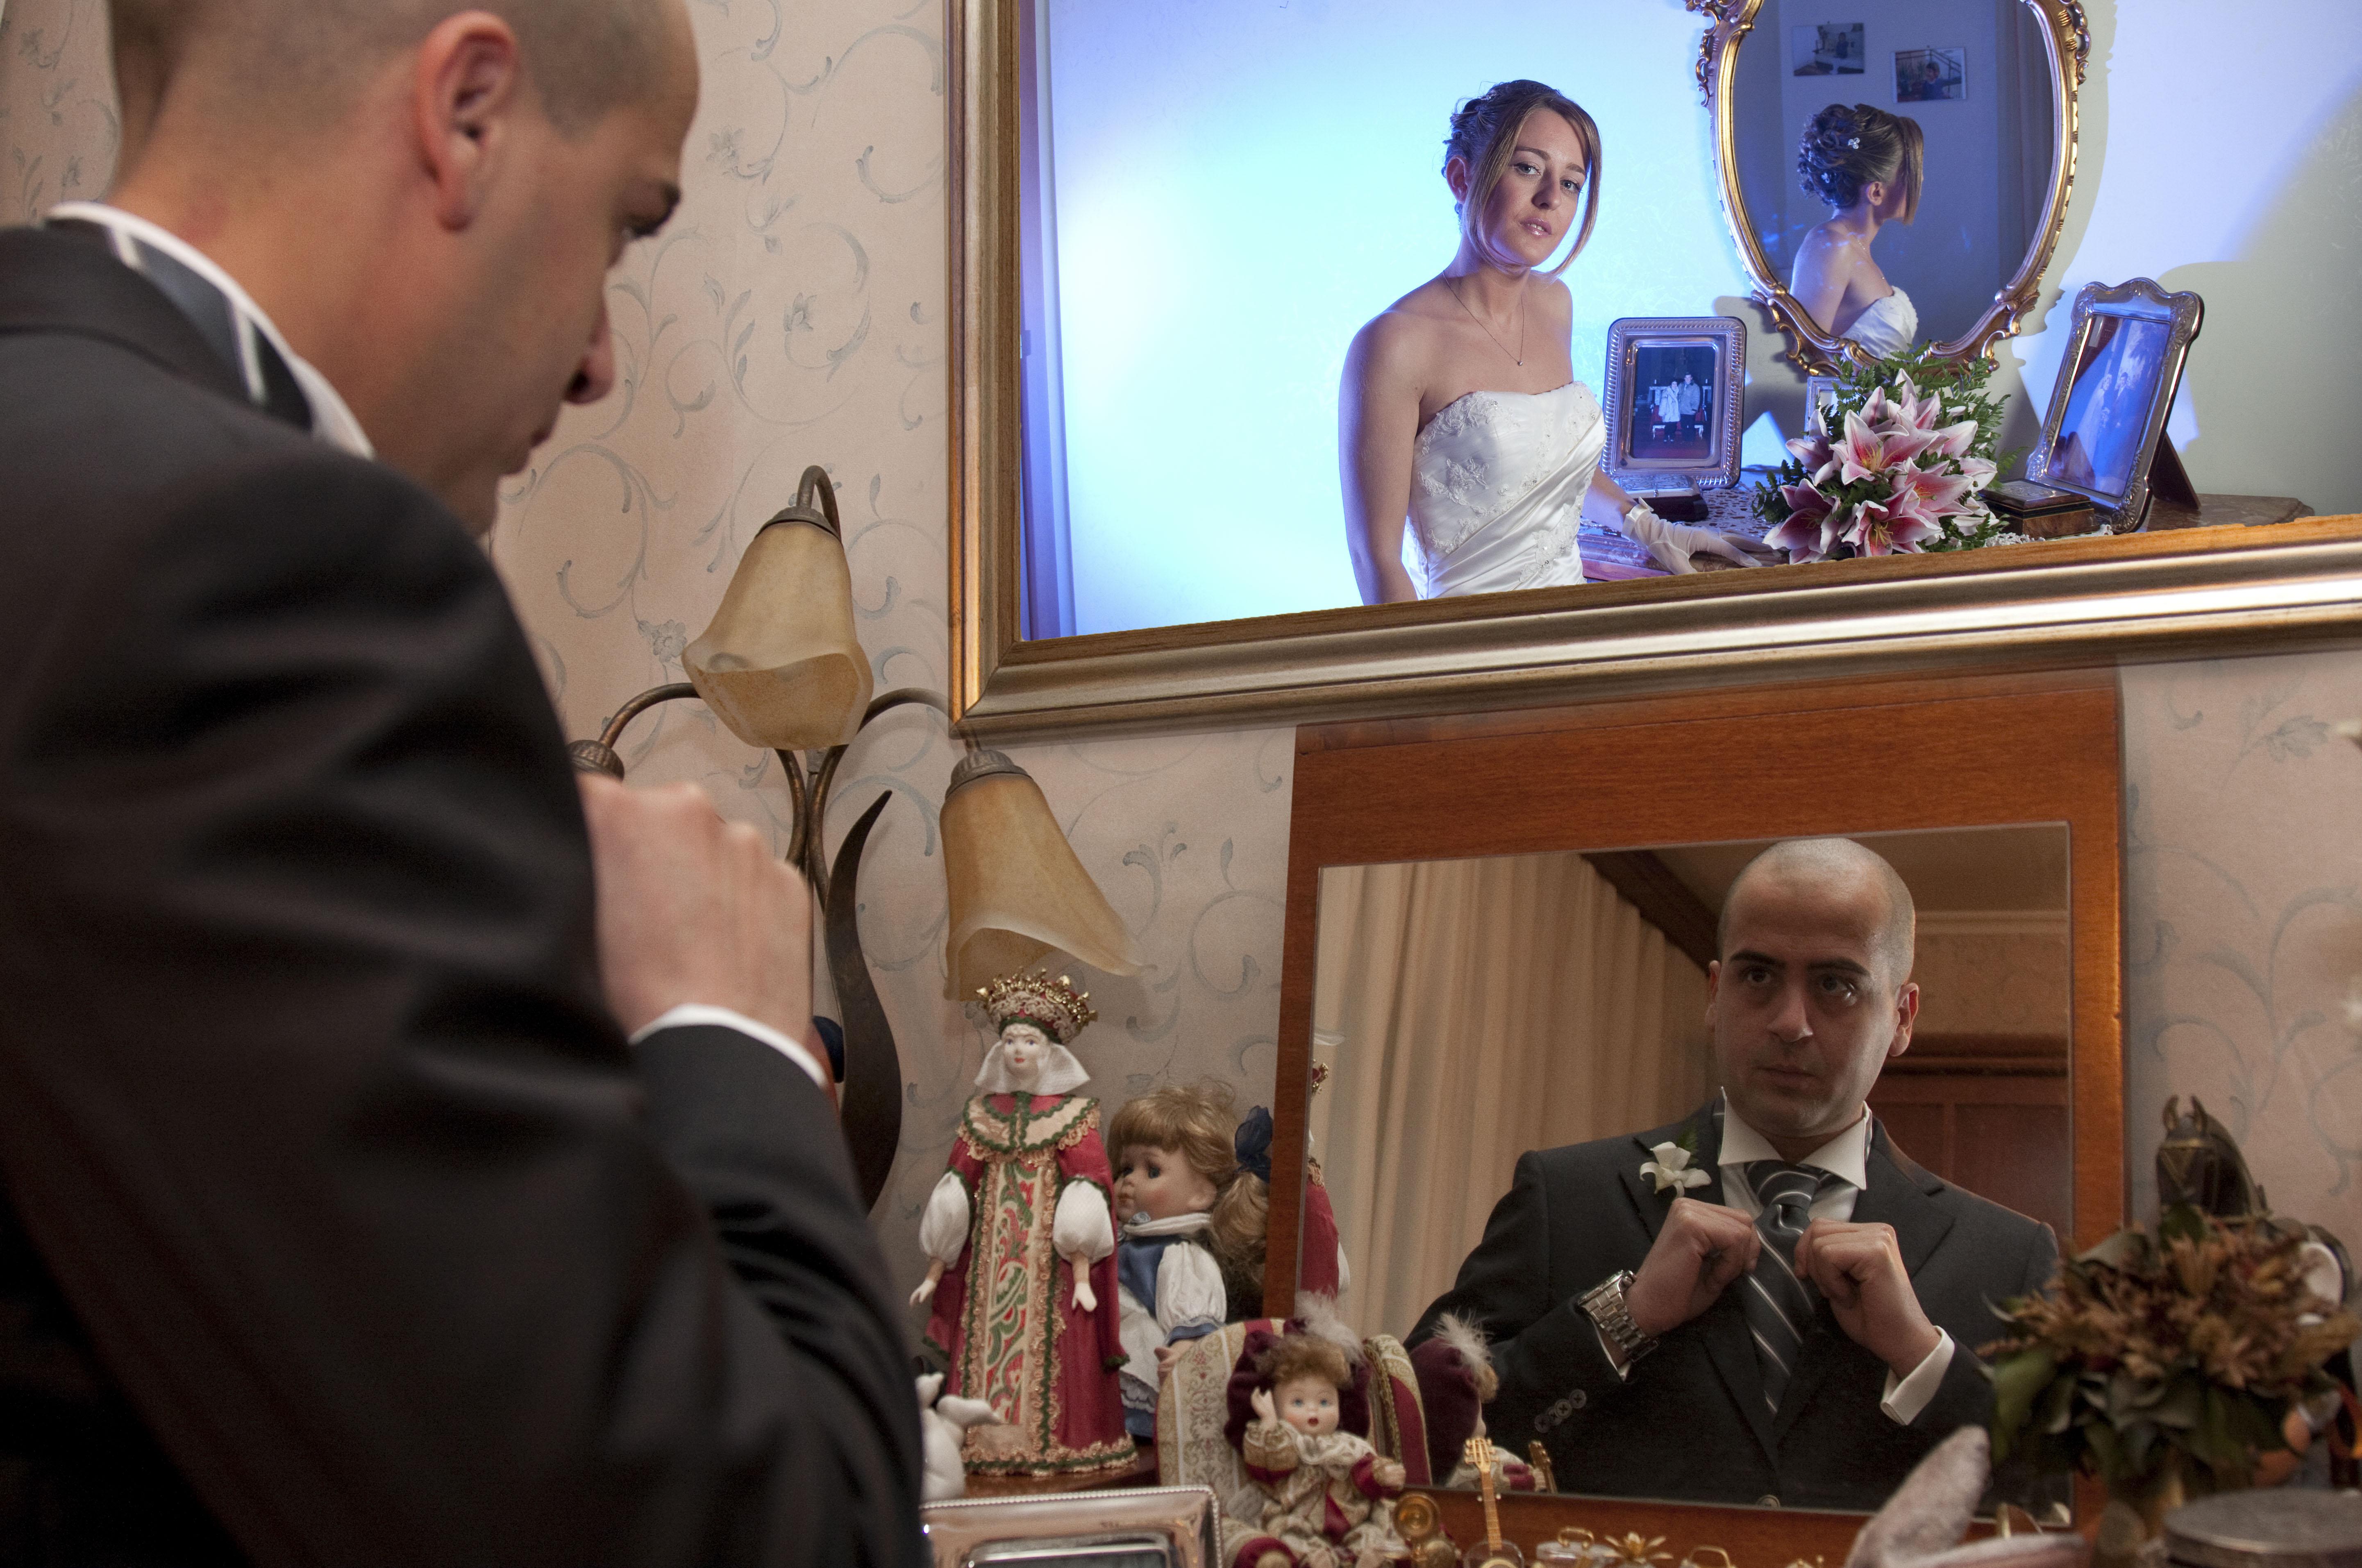 Matrimonio In Comune Come Si Svolge : Servizi fotografici di matrimonio a caracalla chiesa